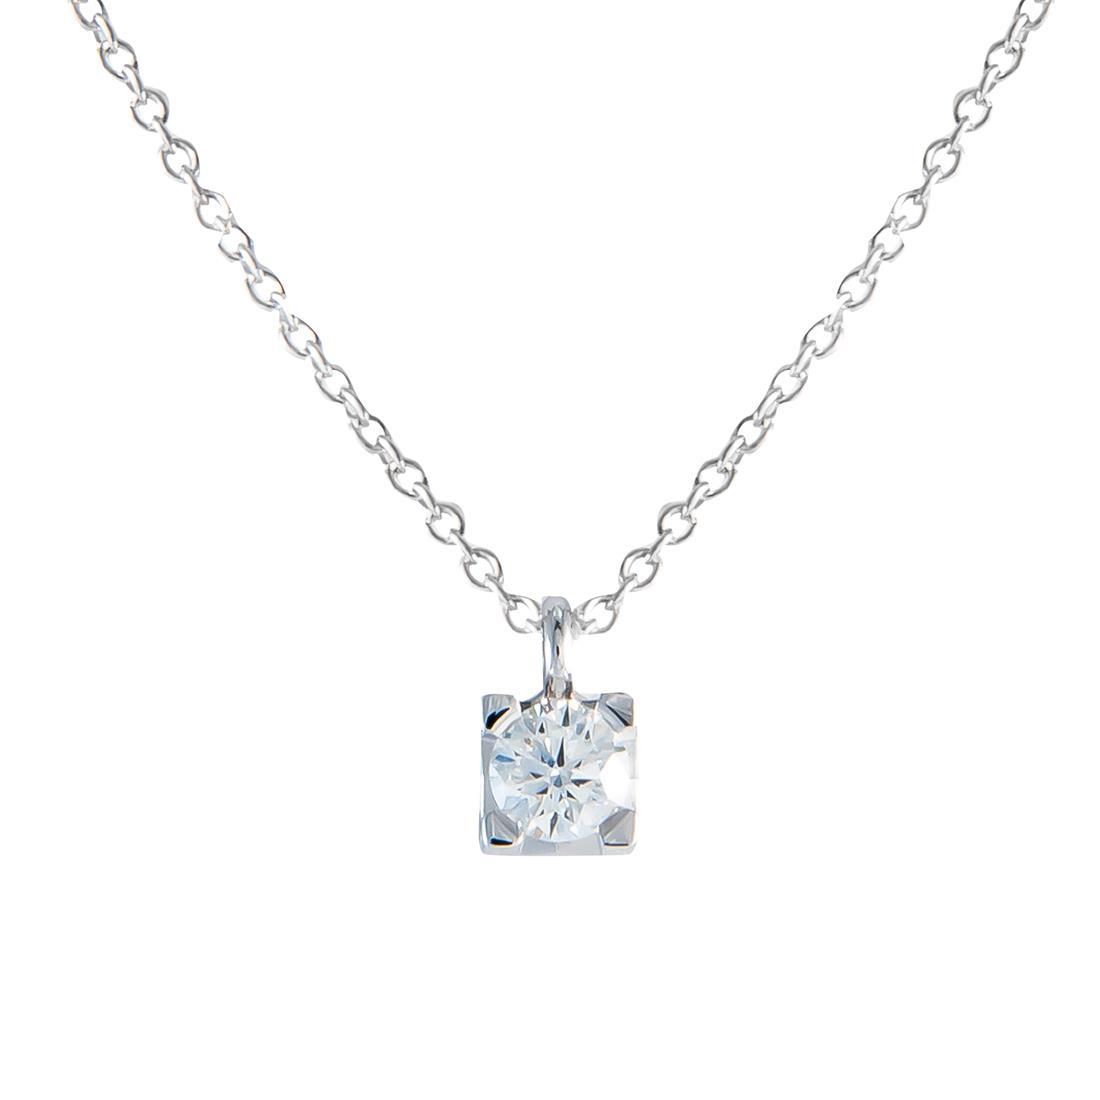 Collana  punto luce in oro bianco e diamante ct 0.23, lunghezza 42cm - ALFIERI ST JOHN